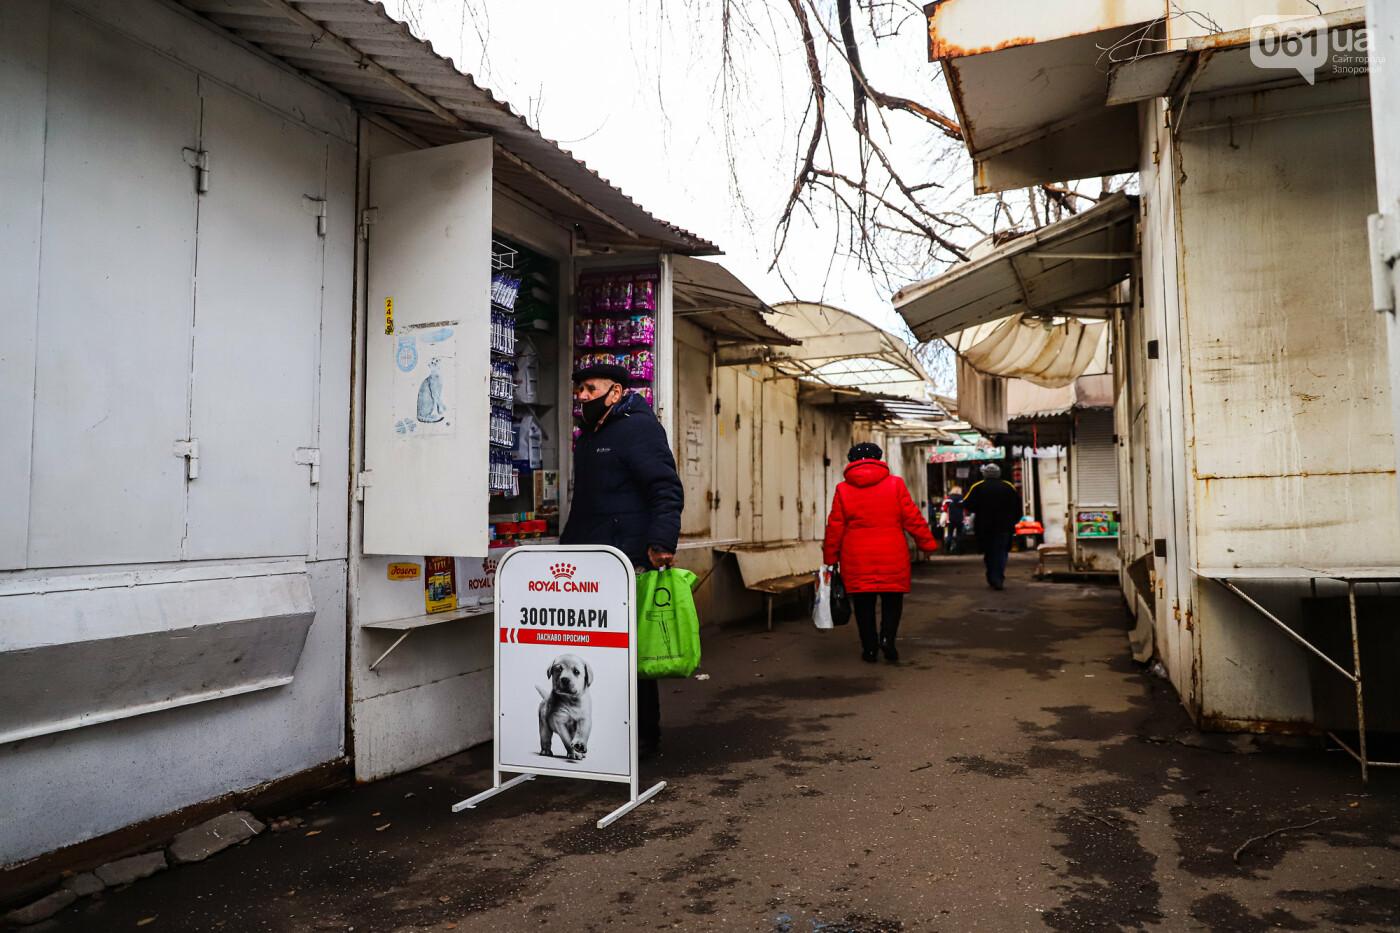 Защитные ленты на товарах, неработающие ТРЦ и полузакрытые рынки – фоторепортаж о первом дне локдауна в Запорожье, фото-7